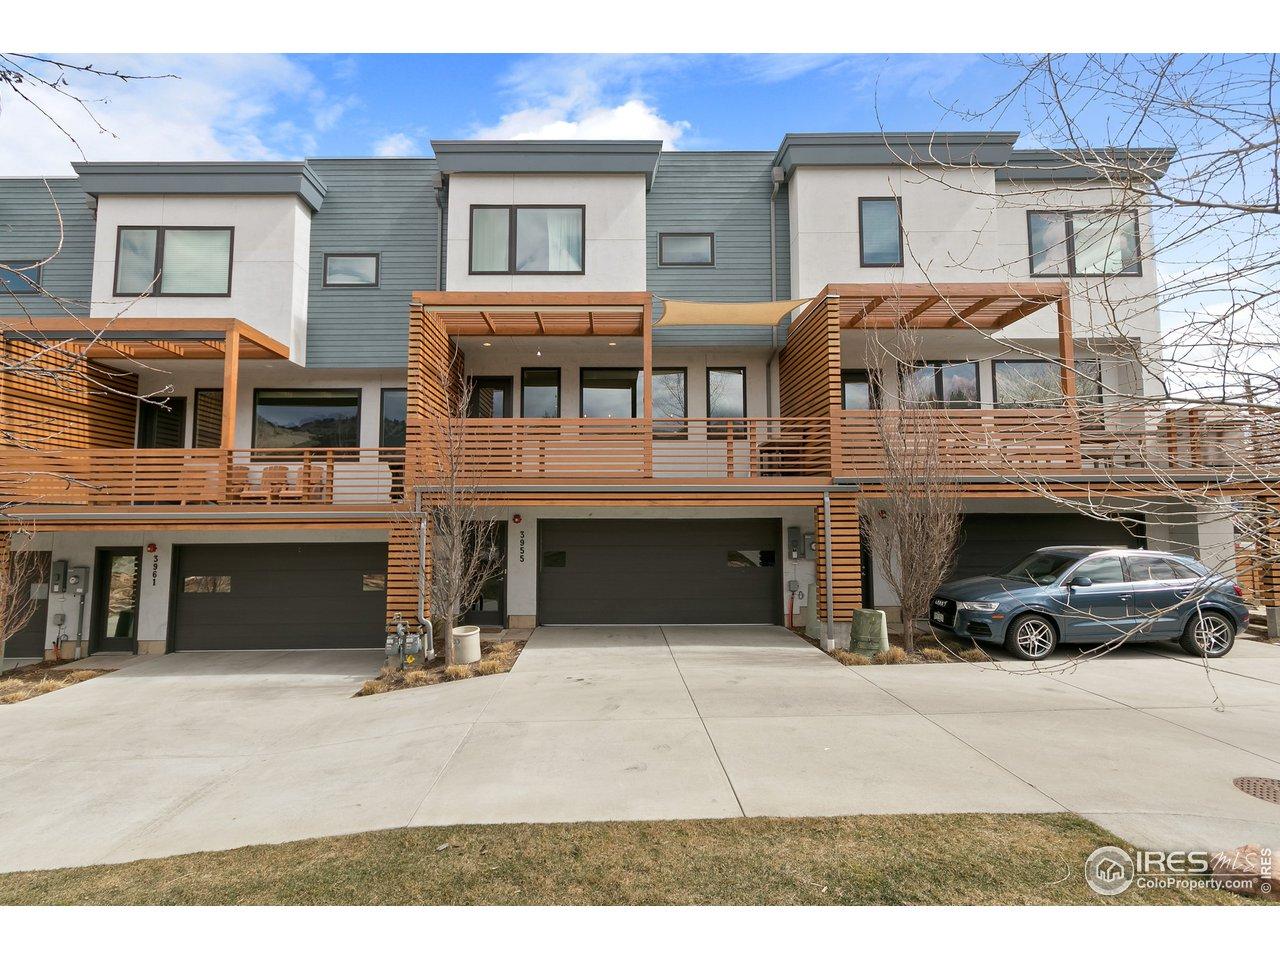 3955 Broadway St, Boulder CO 80304